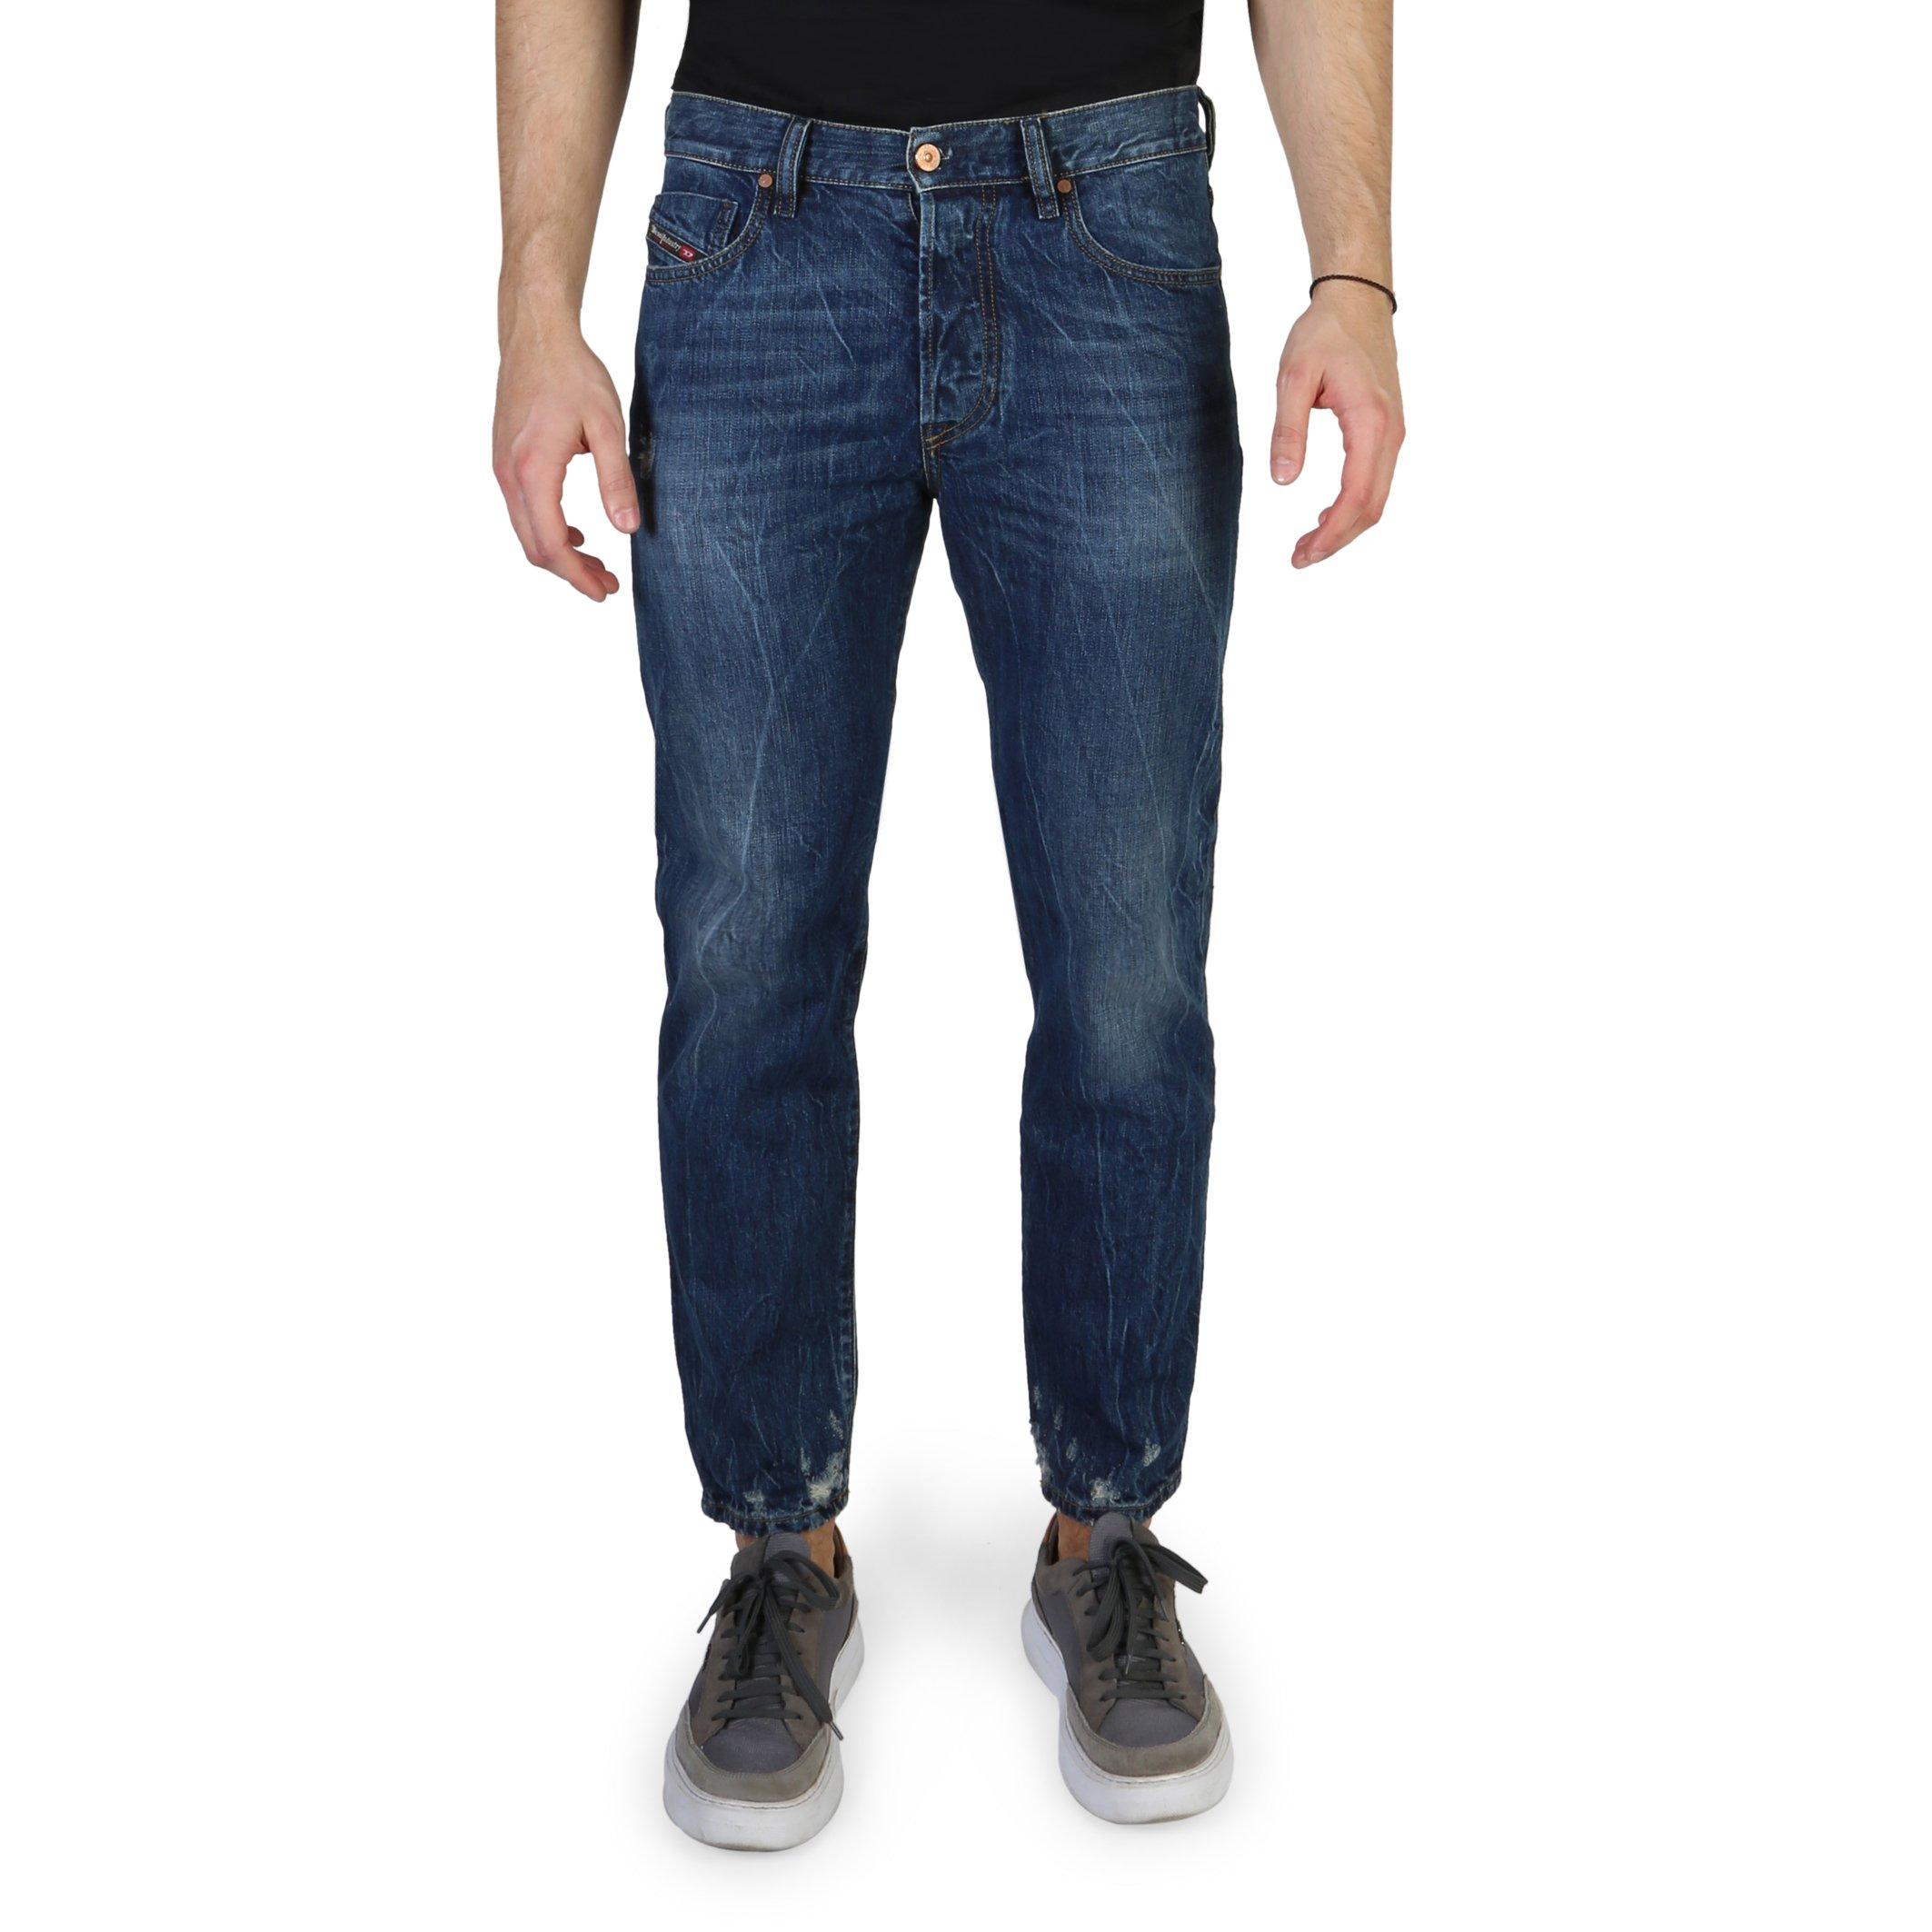 Diesel Men's Jeans Blue MHARKY_L32_00SH3Q - blue-1 29